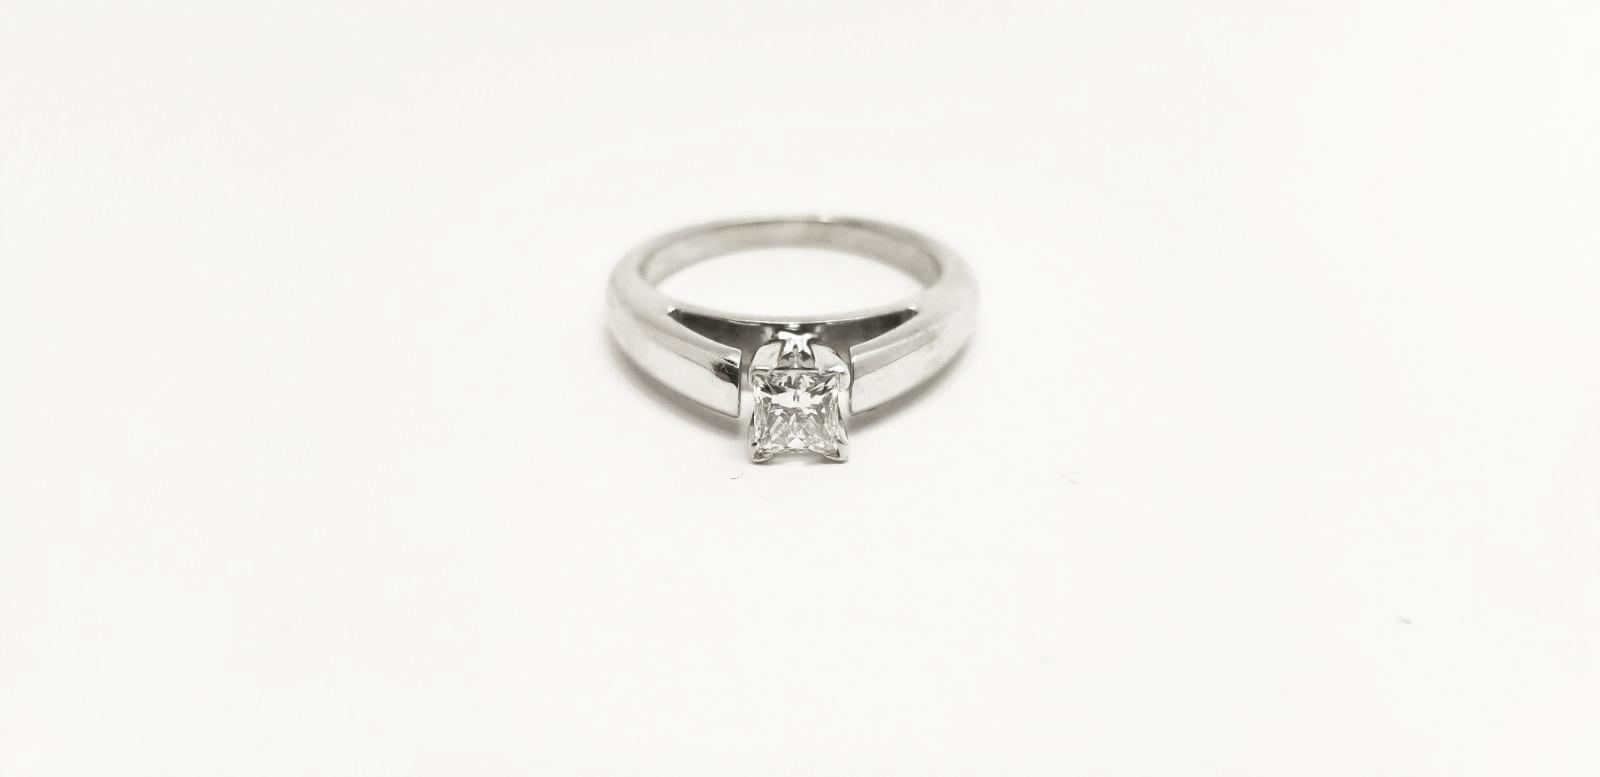 e7e1b53d2 Aldo's Fine Jewelry | Serving Orlando since 1979 - financing available